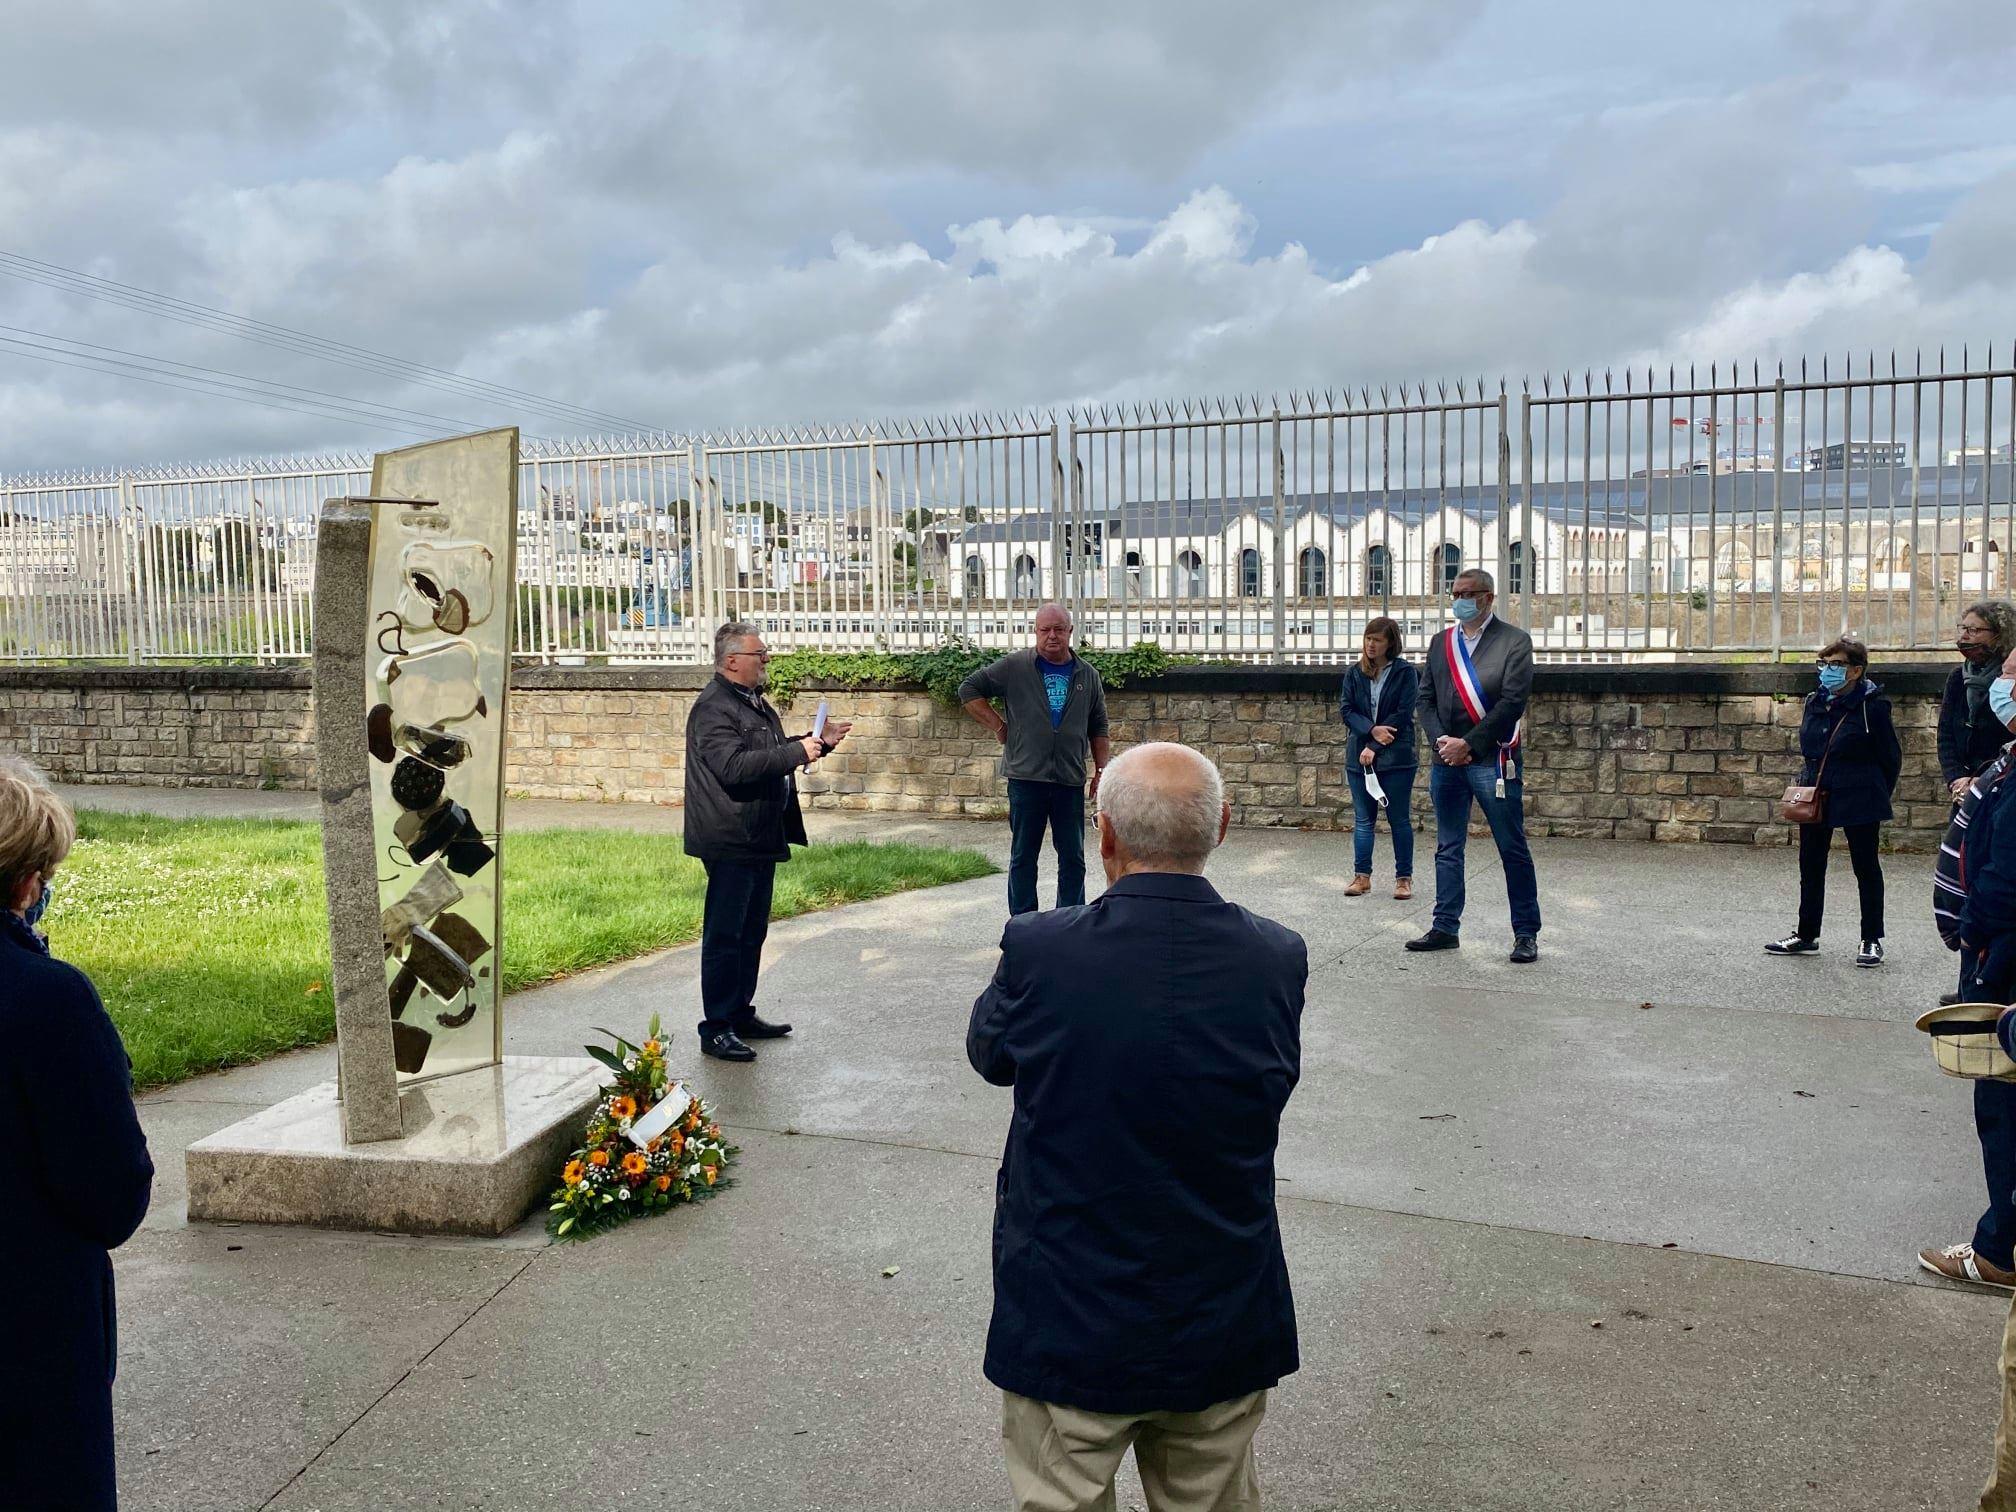 Samedi 20 juin 2020 – Cérémonie commémorative en hommage aux victimes de l'amiante.